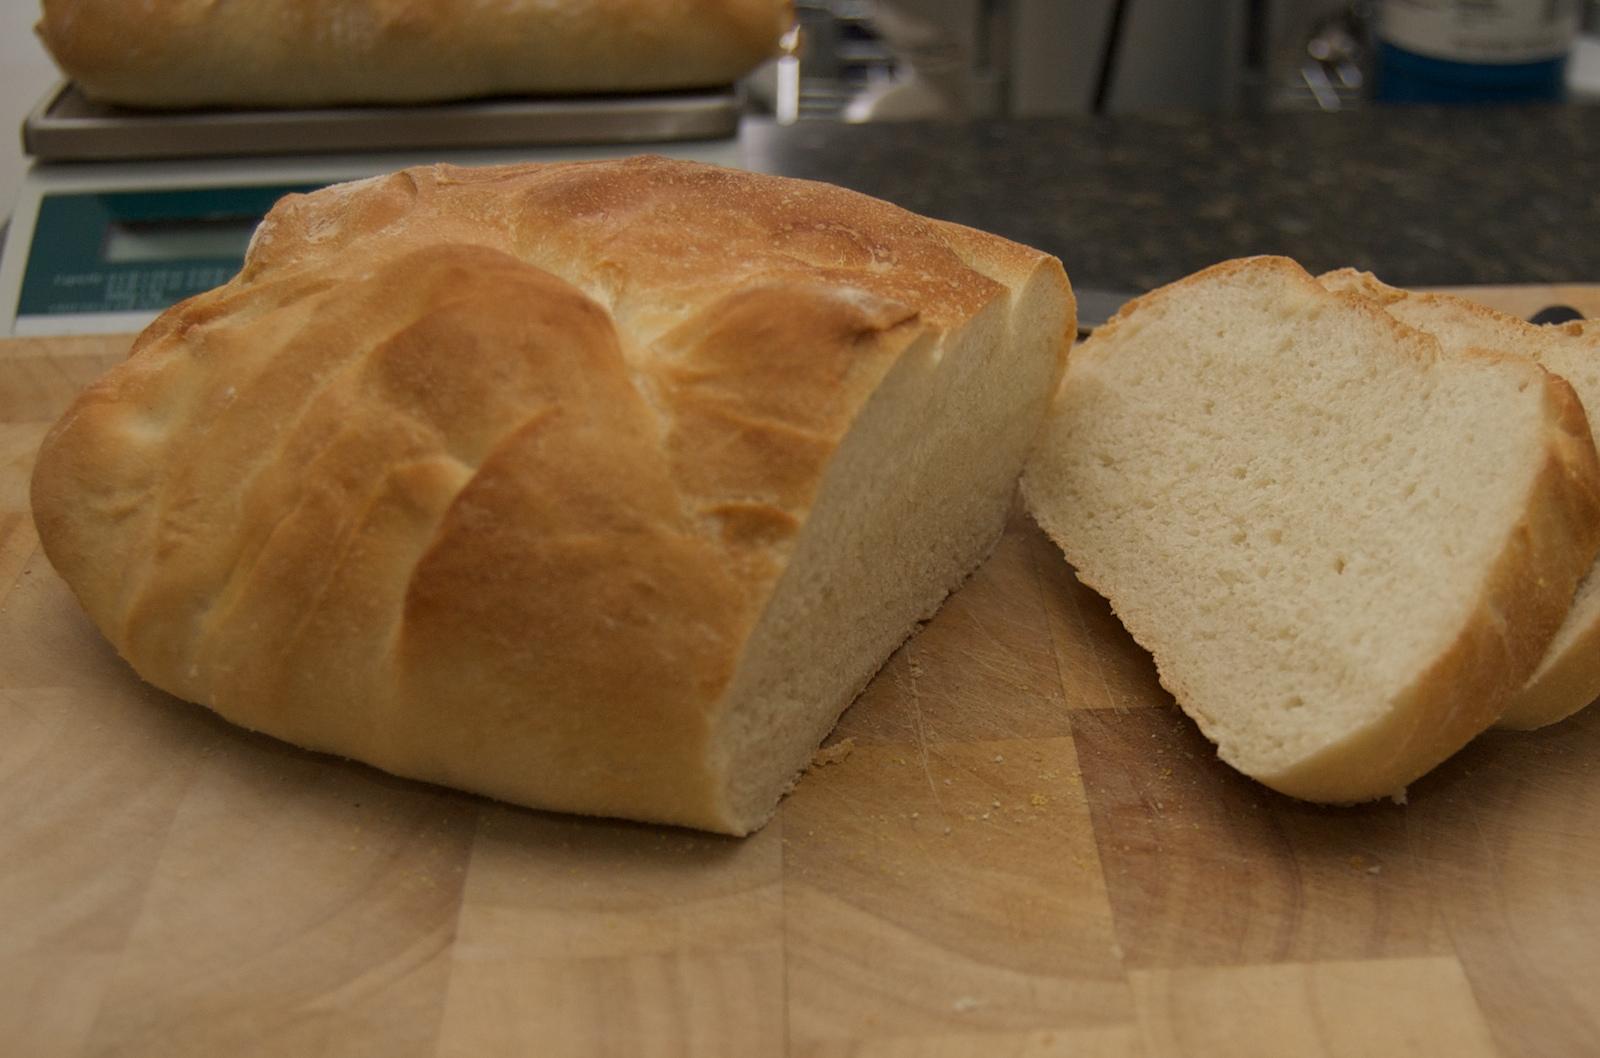 http://blog.rickk.com/food/2010/03/14/bread1.jpg